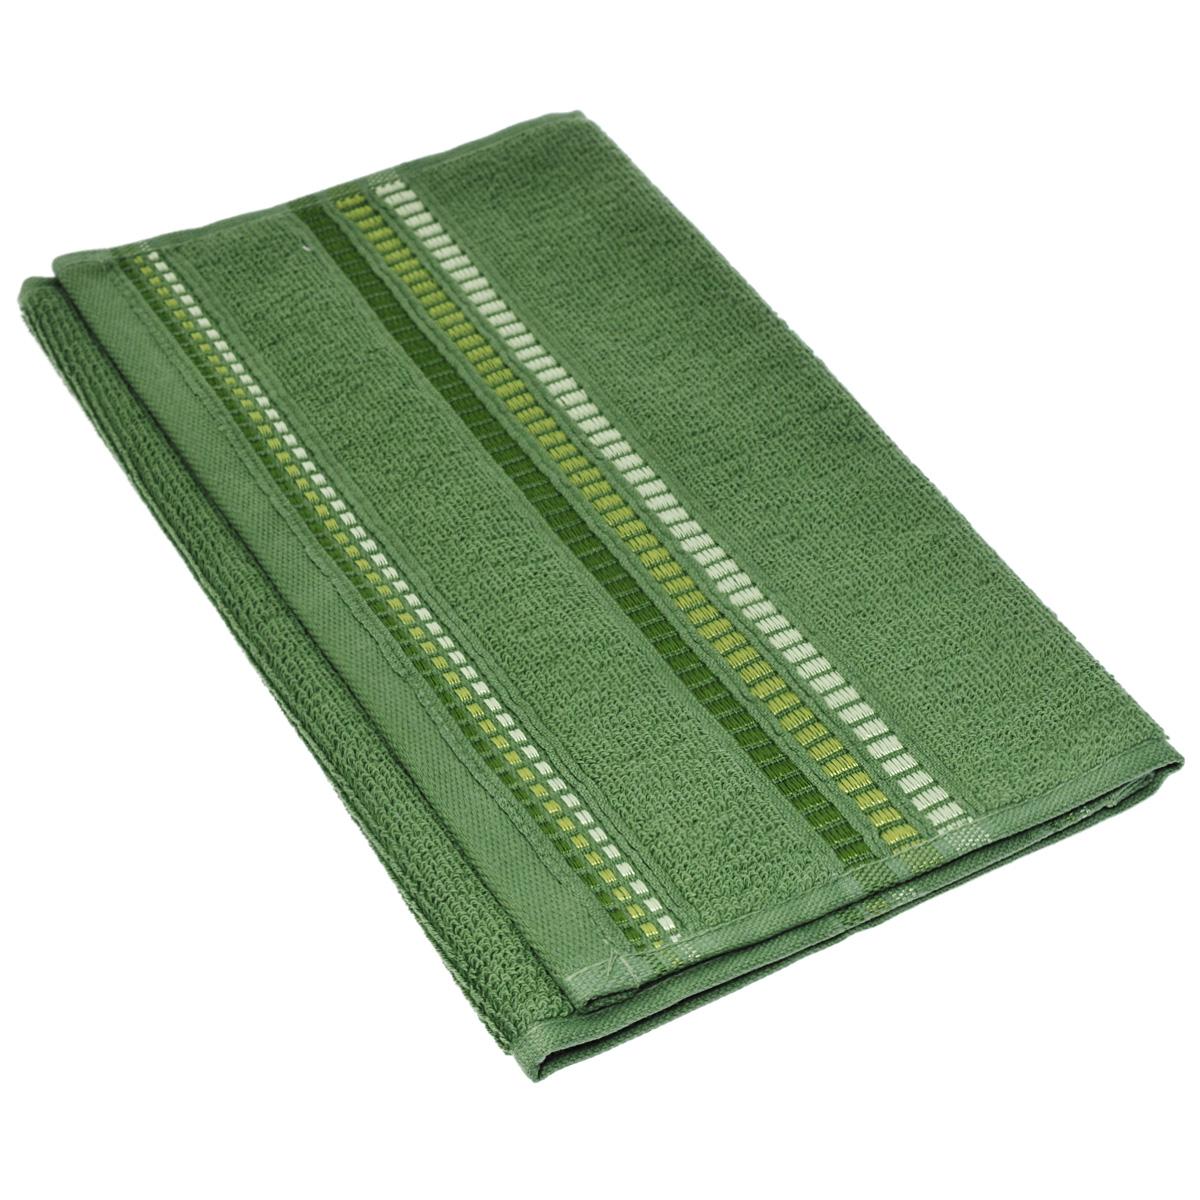 Полотенце махровое Coronet Пиано, цвет: зеленый, 30 х 50 см68/5/4Махровое полотенце Coronet Пиано, изготовленное из натурального хлопка, подарит массу положительных эмоций и приятных ощущений. Полотенце отличается нежностью и мягкостью материала, утонченным дизайном и превосходным качеством. Оно прекрасно впитывает влагу, быстро сохнет и не теряет своих свойств после многократных стирок. Махровое полотенце Coronet Пиано станет достойным выбором для вас и приятным подарком для ваших близких. Мягкость и высокое качество материала, из которого изготовлены полотенца не оставит вас равнодушными.